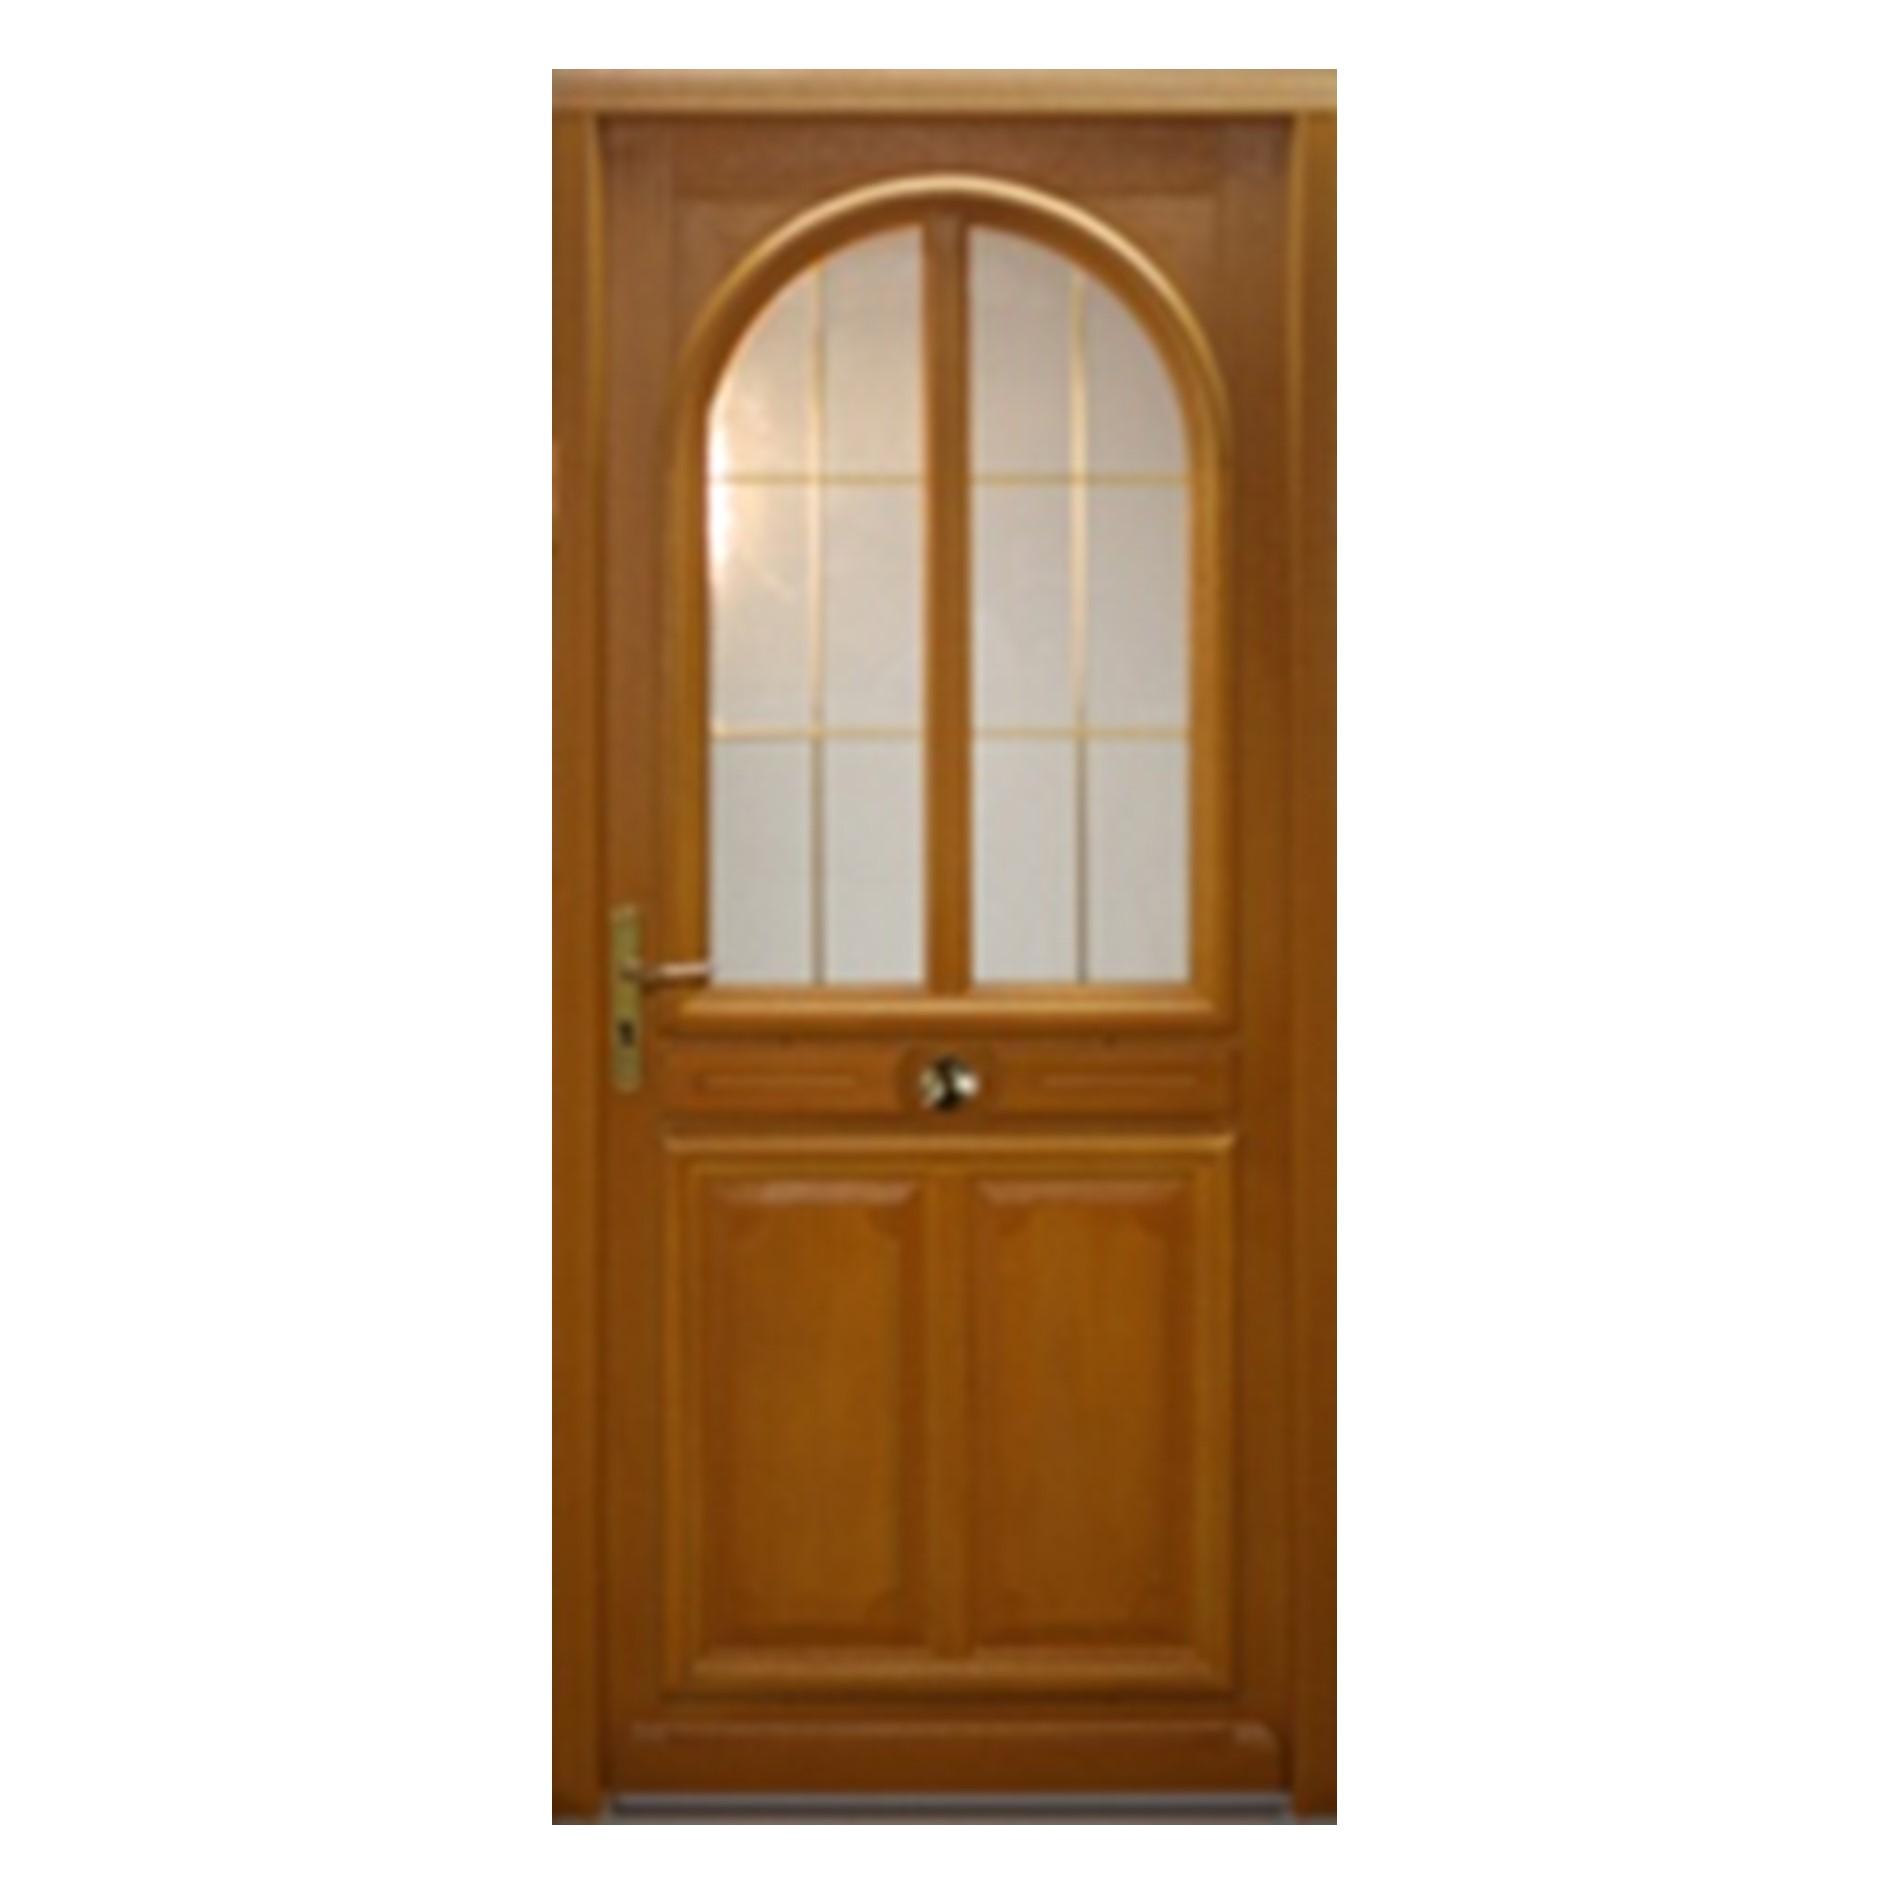 Porte d 39 entr e gauche bois exotique meranti mod le ma 215 x 90cm brevon - Traitement bois exotique ...